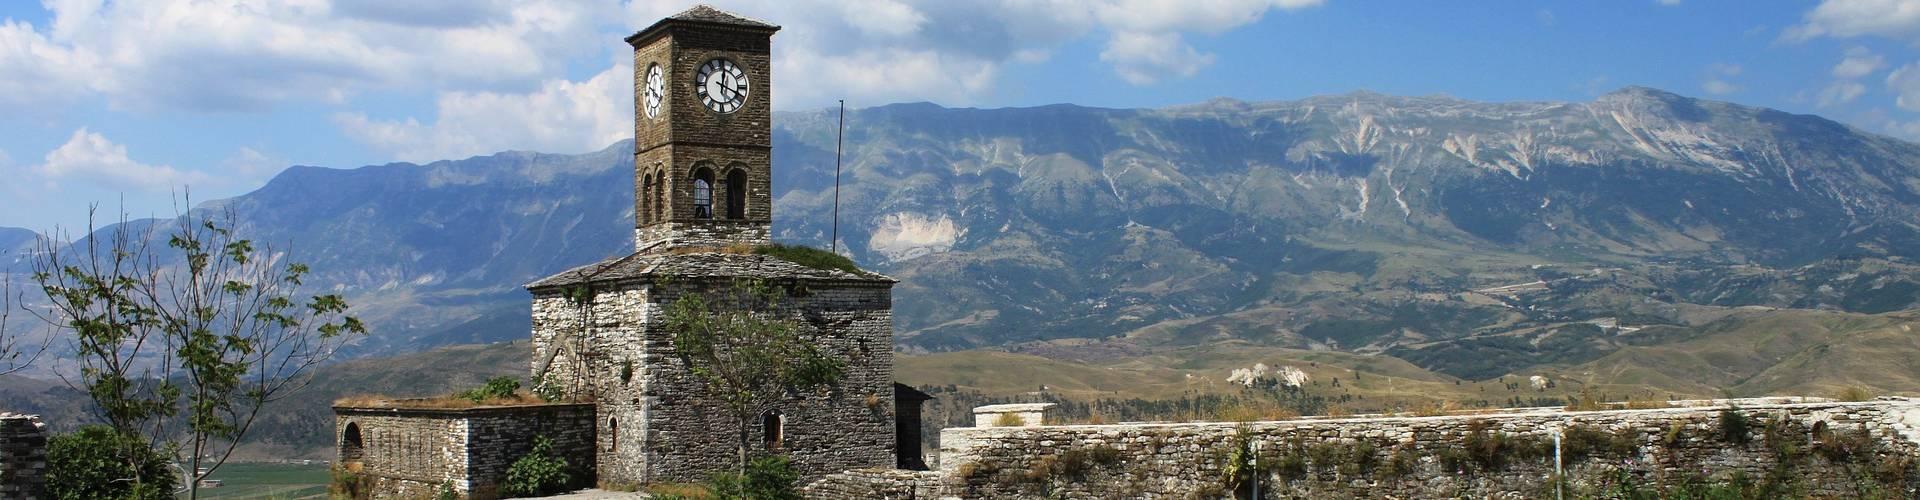 Albanija putovanja